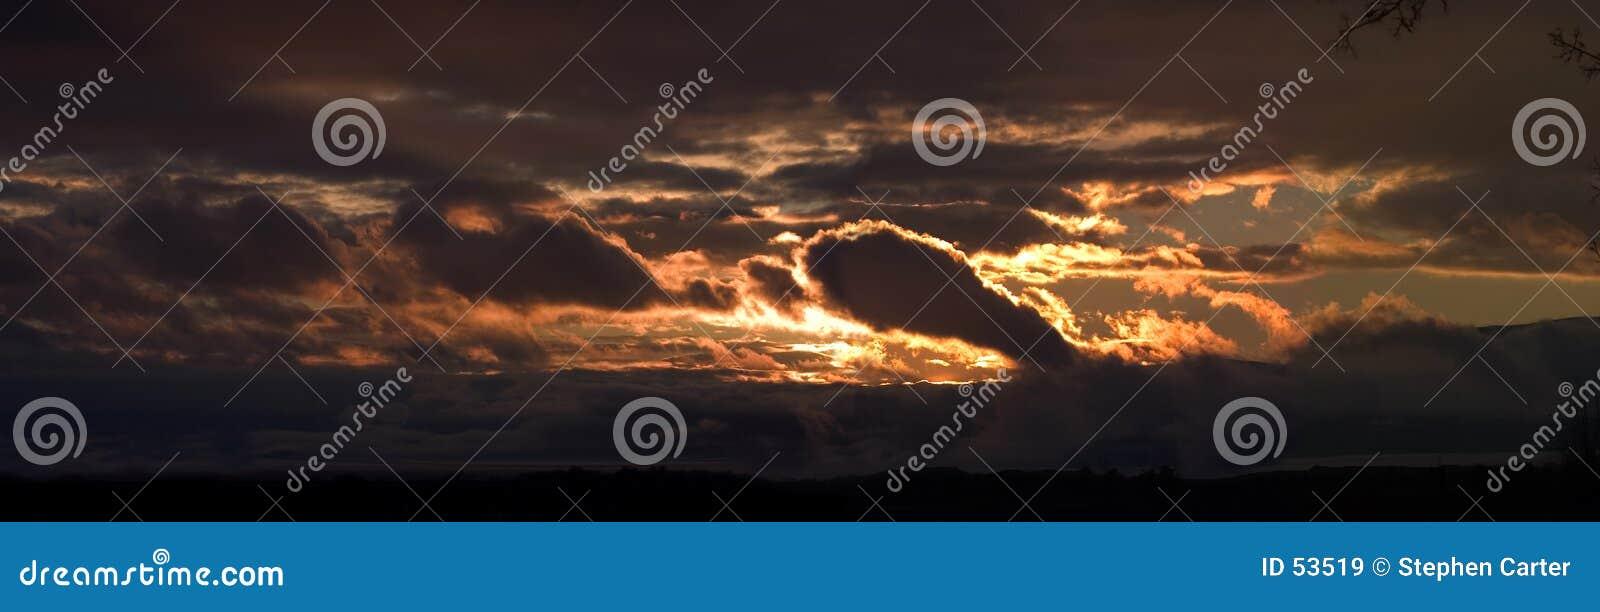 Panorama de una puesta del sol tempestuosa sobre el lago utah